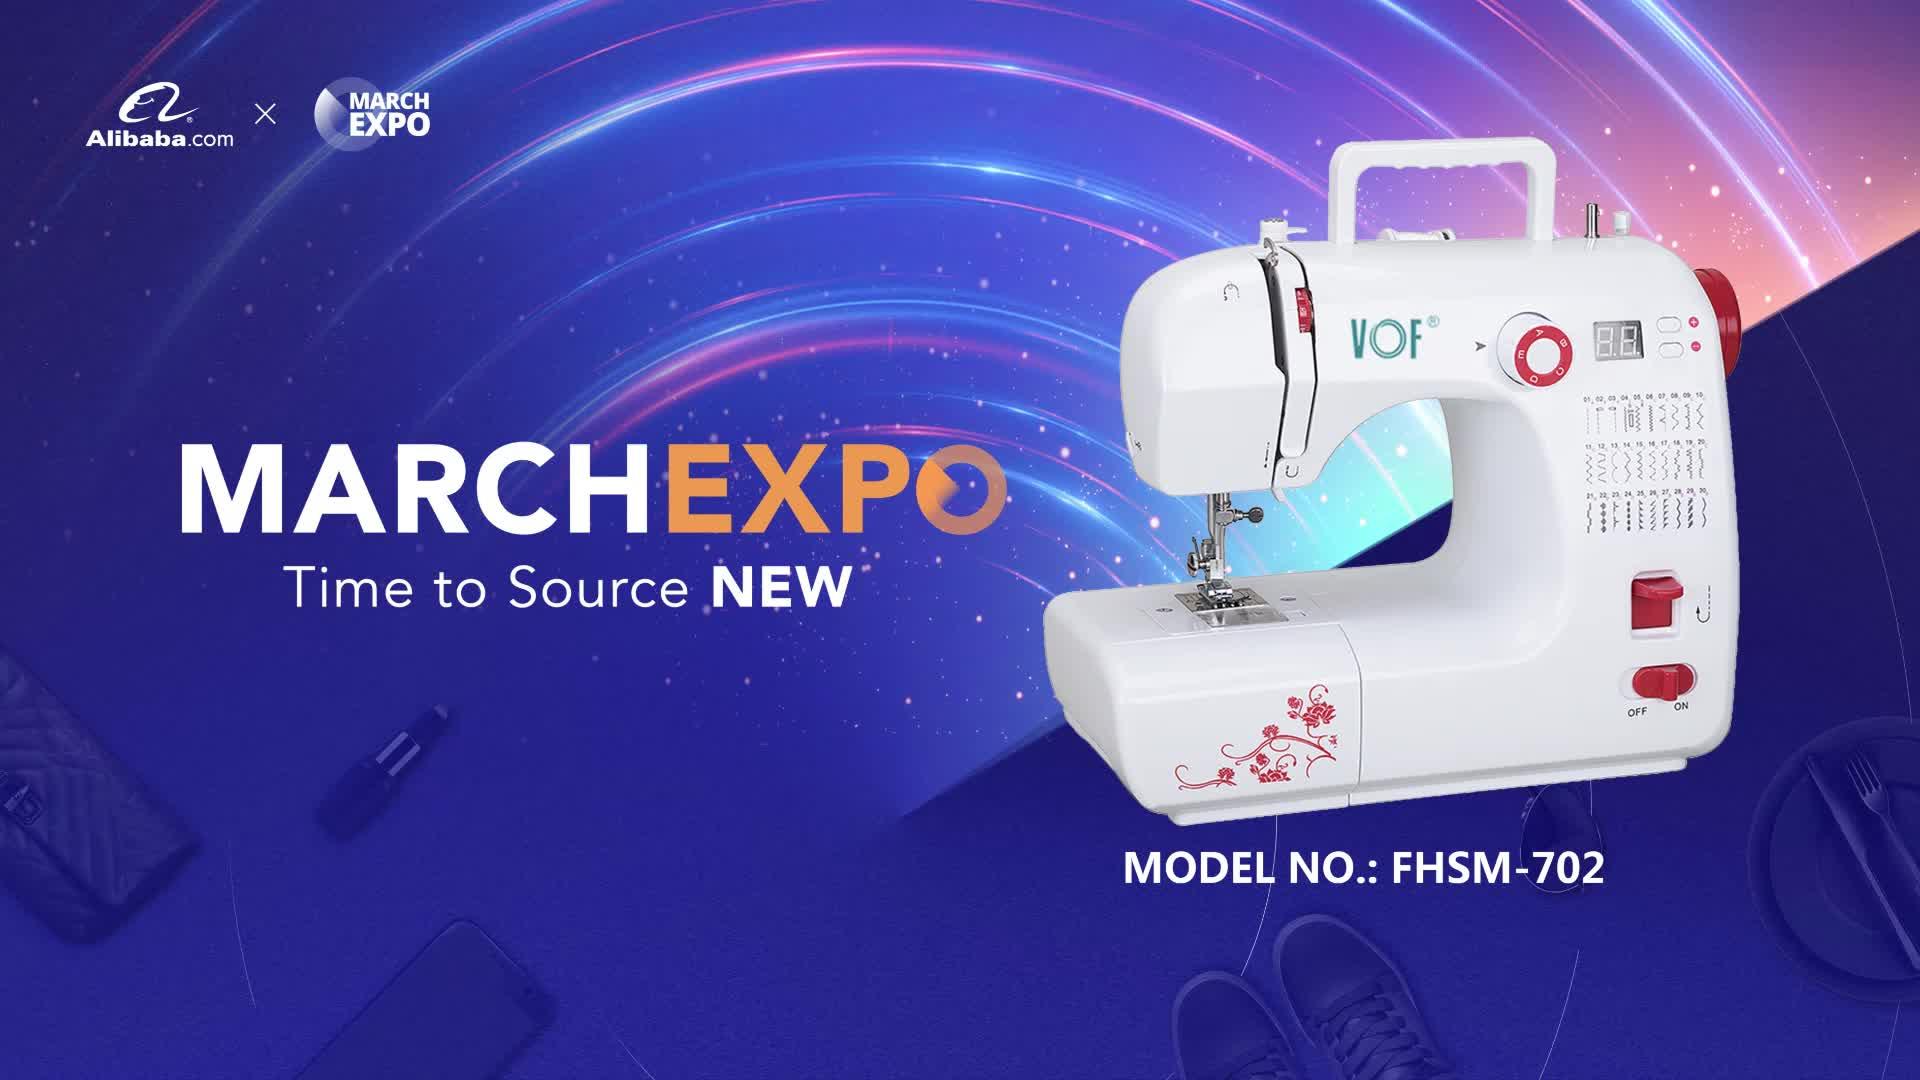 Hot selling huishoudelijke naaimachine VOF FHSM-702 mini elektrische plooien naaimachine